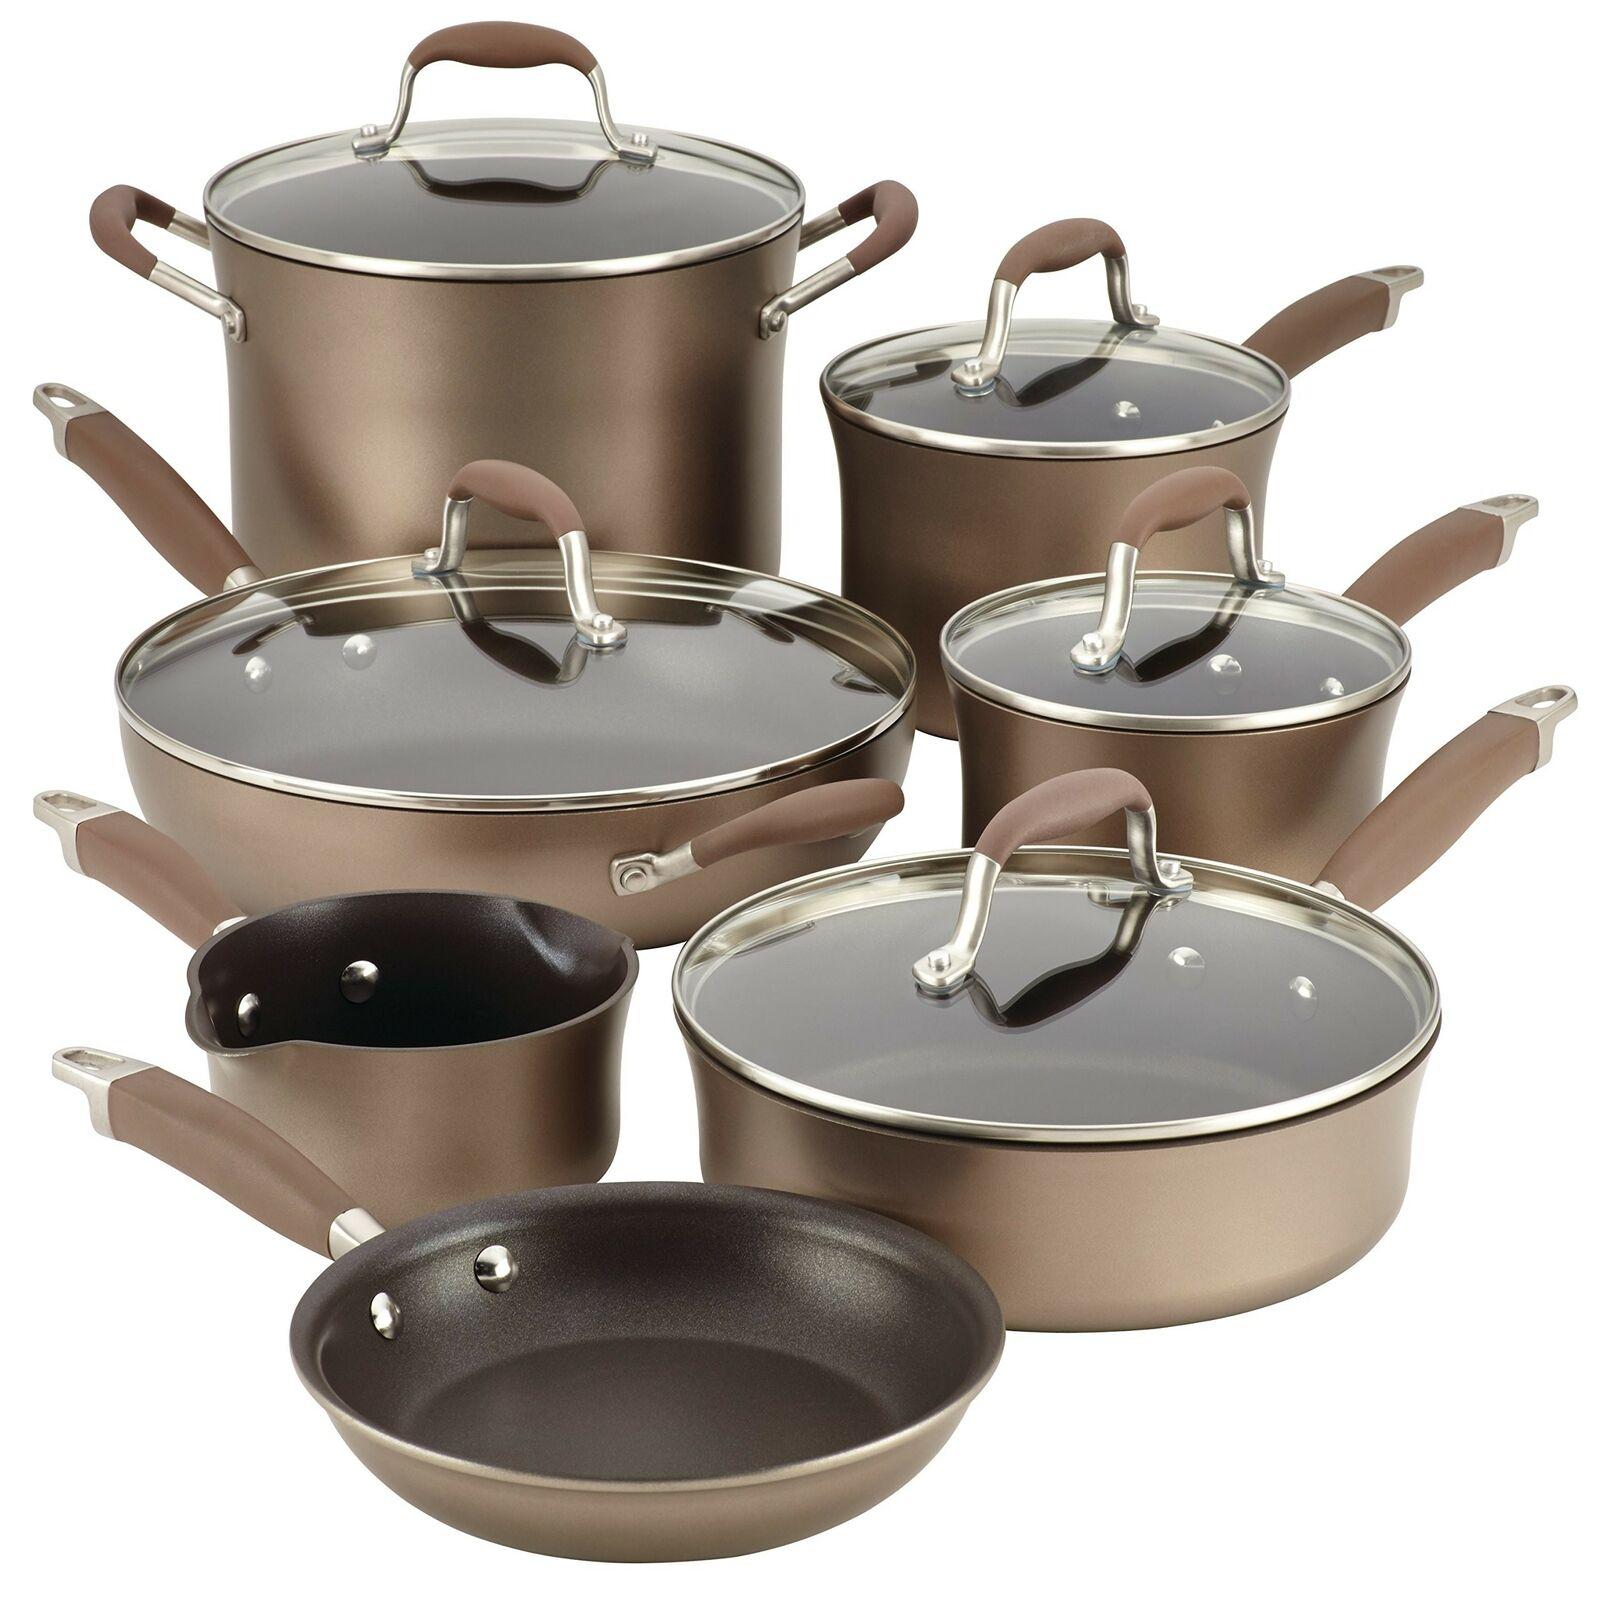 Anolon 12-Pièce Advanced dur anodisé Poêlon Cookware Set, bronze